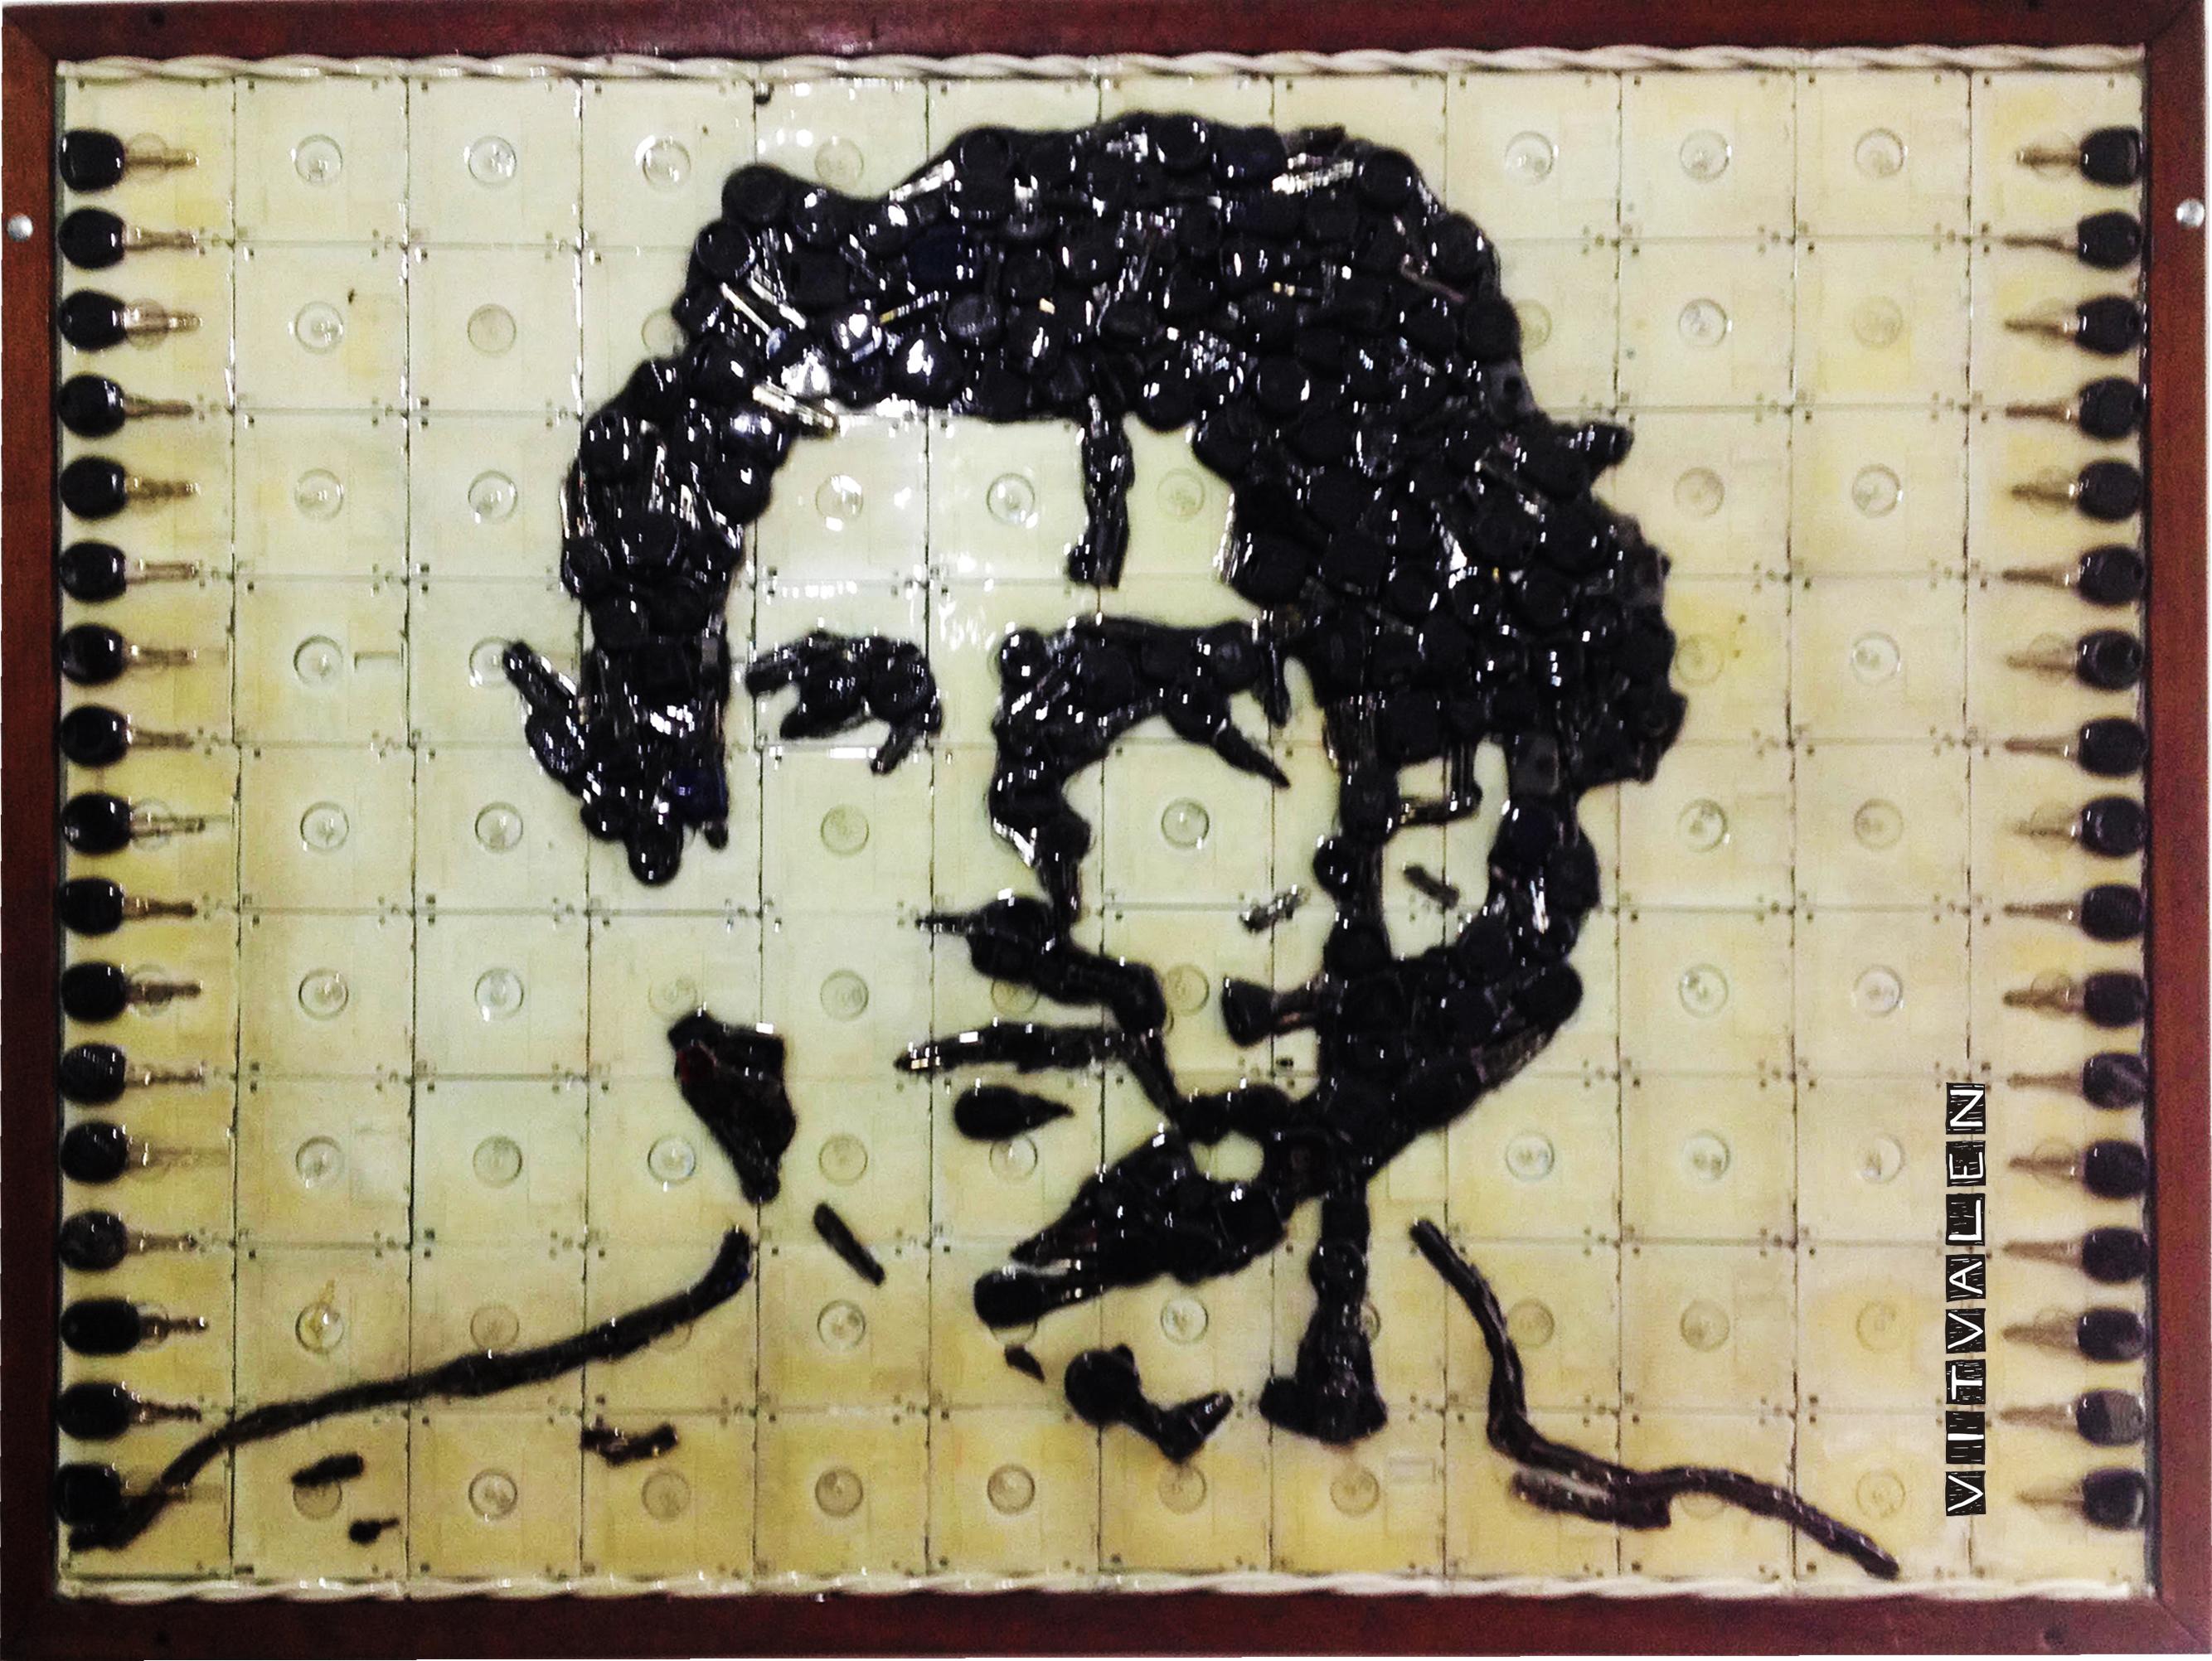 Senna Inspiração - Acervo particular